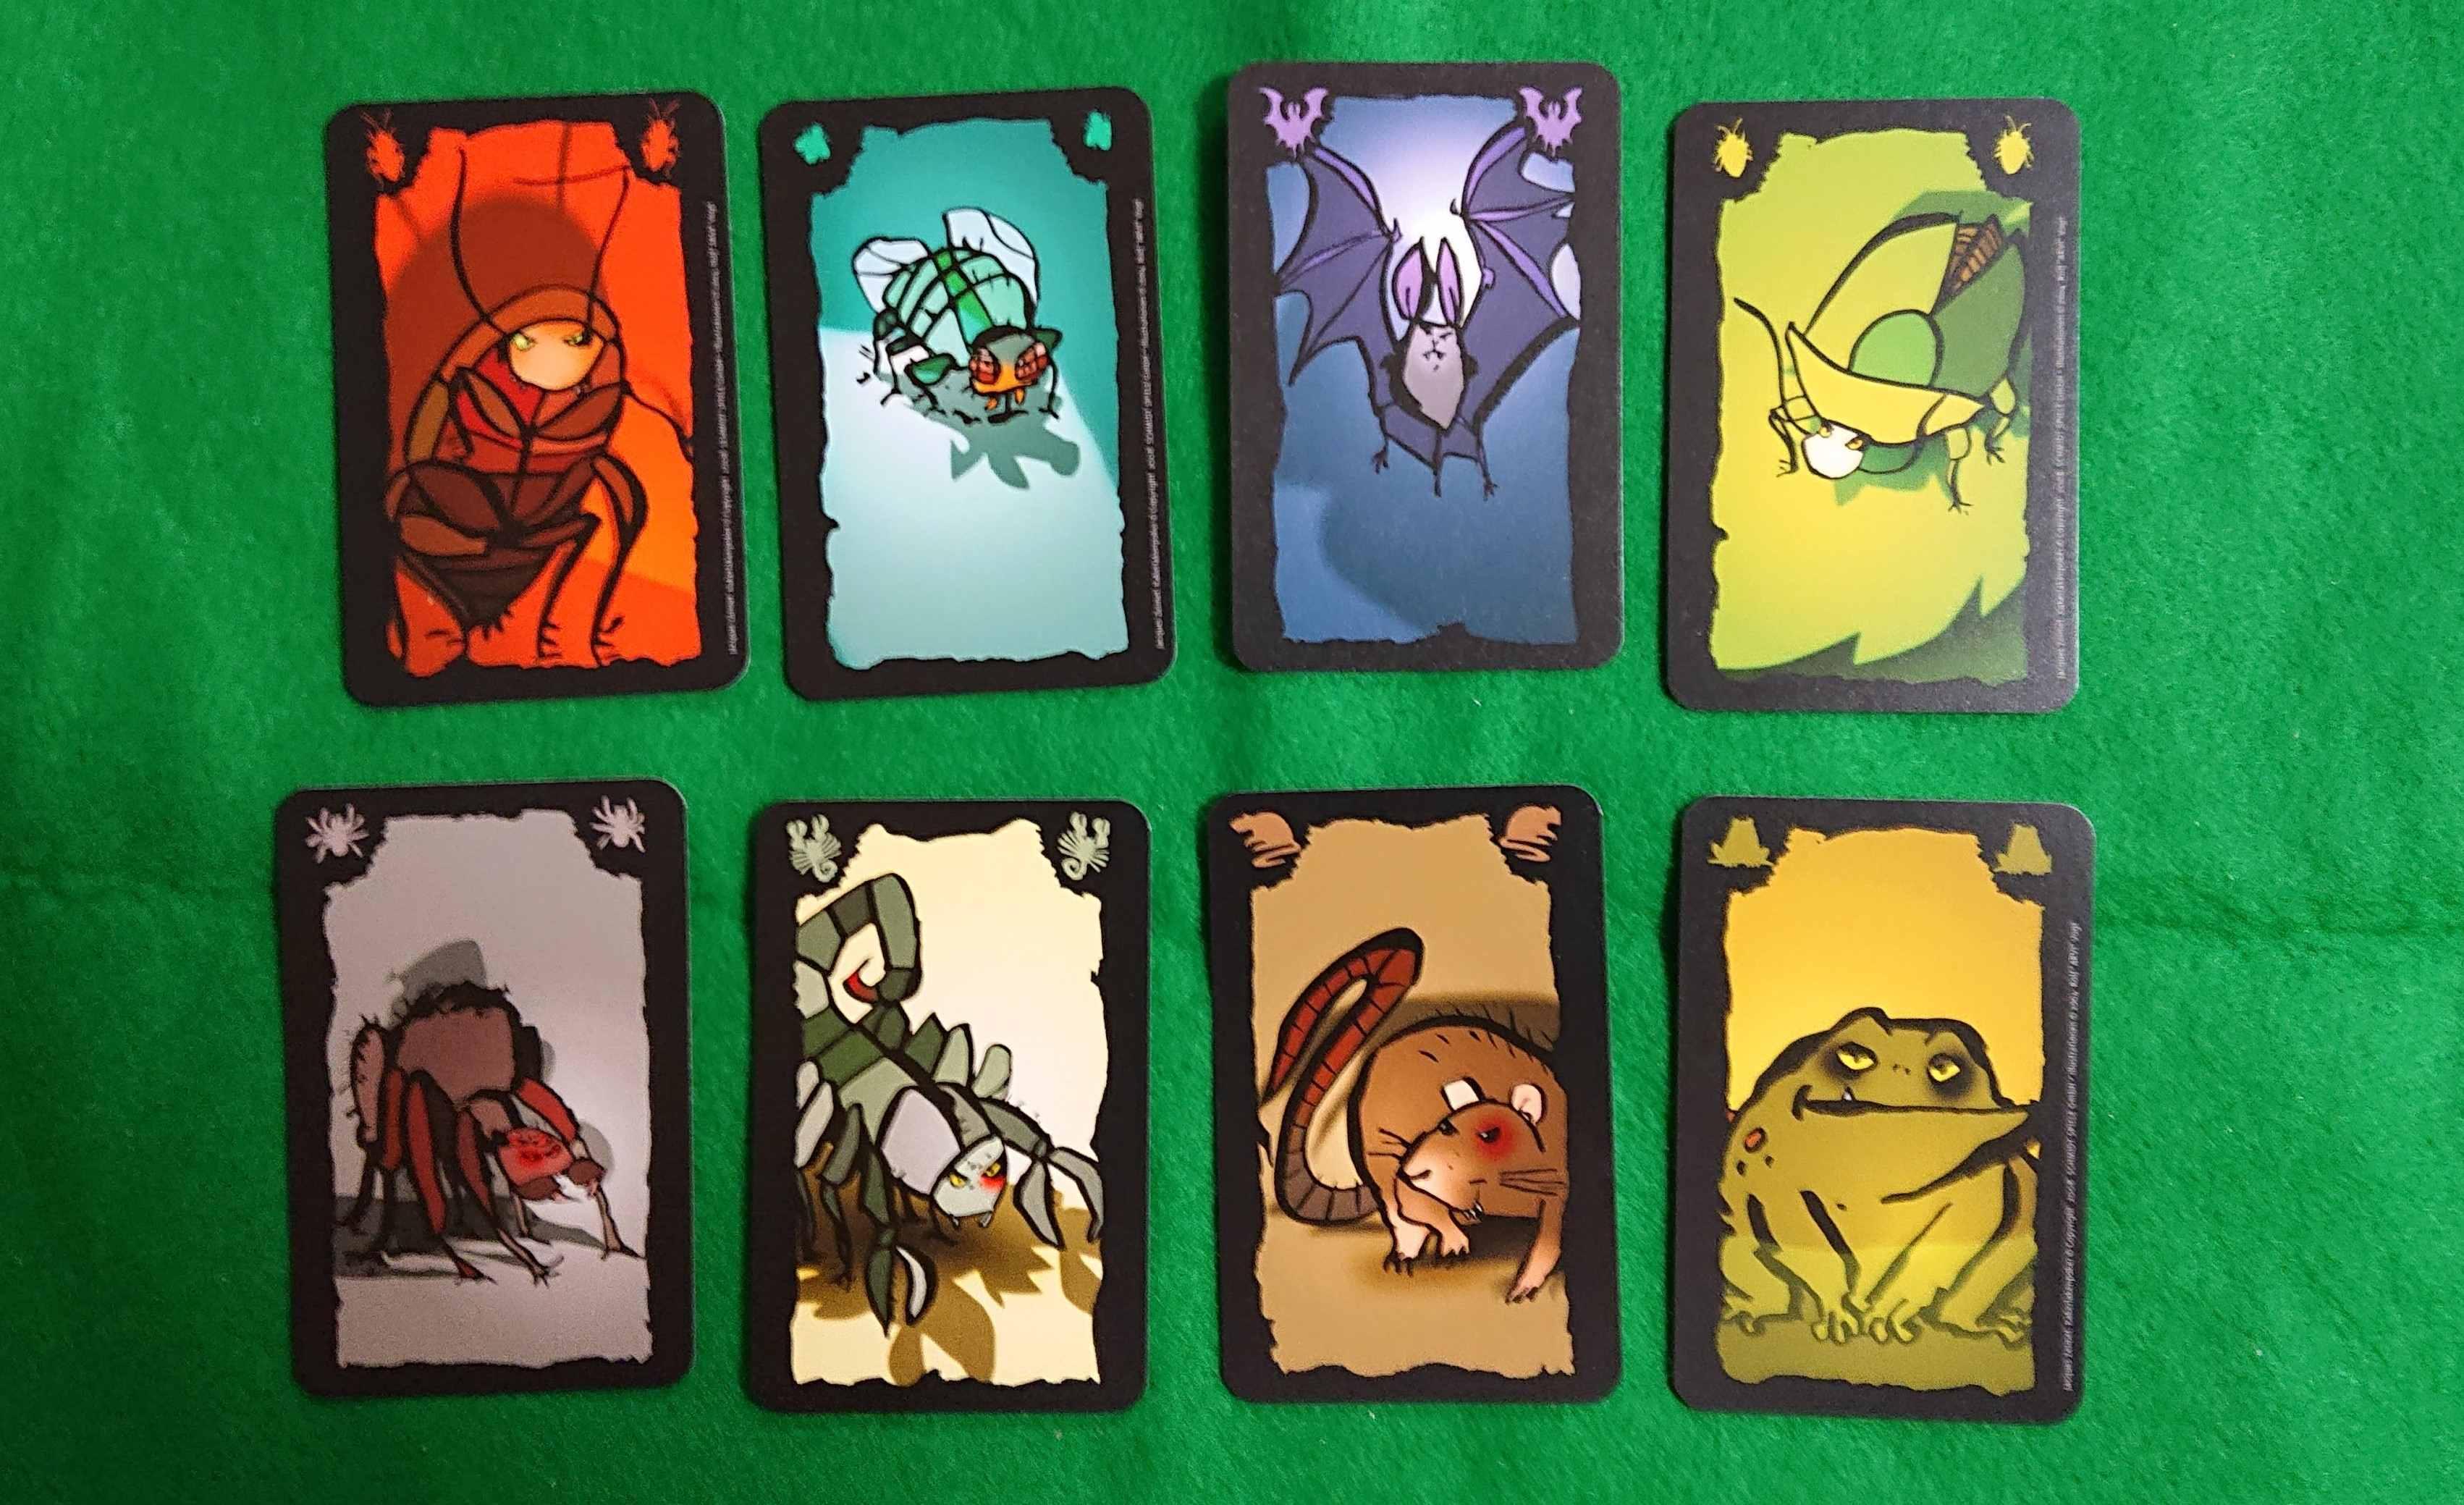 ごきぶりポーカー 傑作ブラフ系カードゲーム 嫌われ者を押し付けろ! ルール説明 ボードゲーム